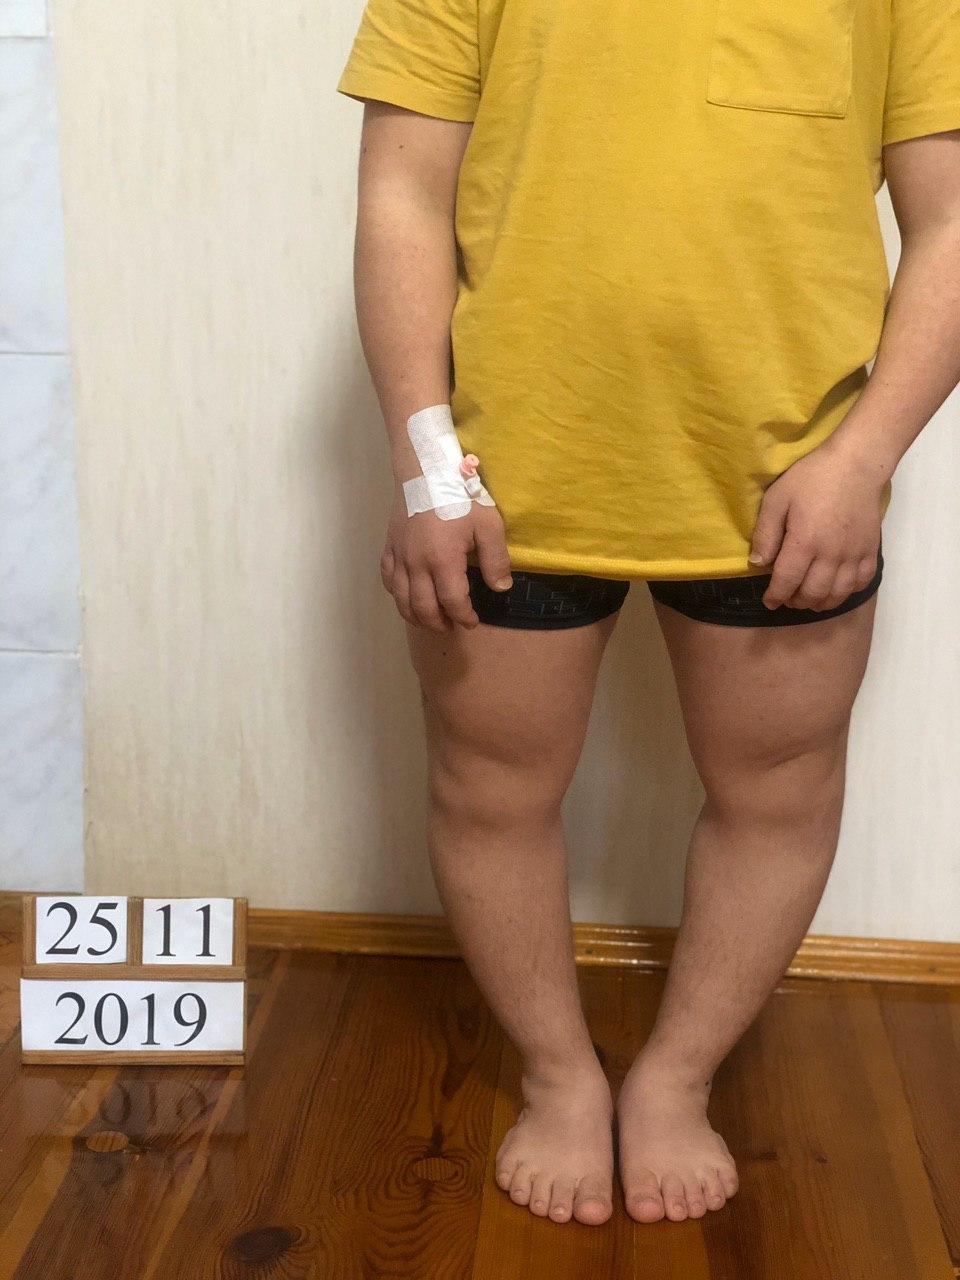 удлинение голени - фото до удлинения